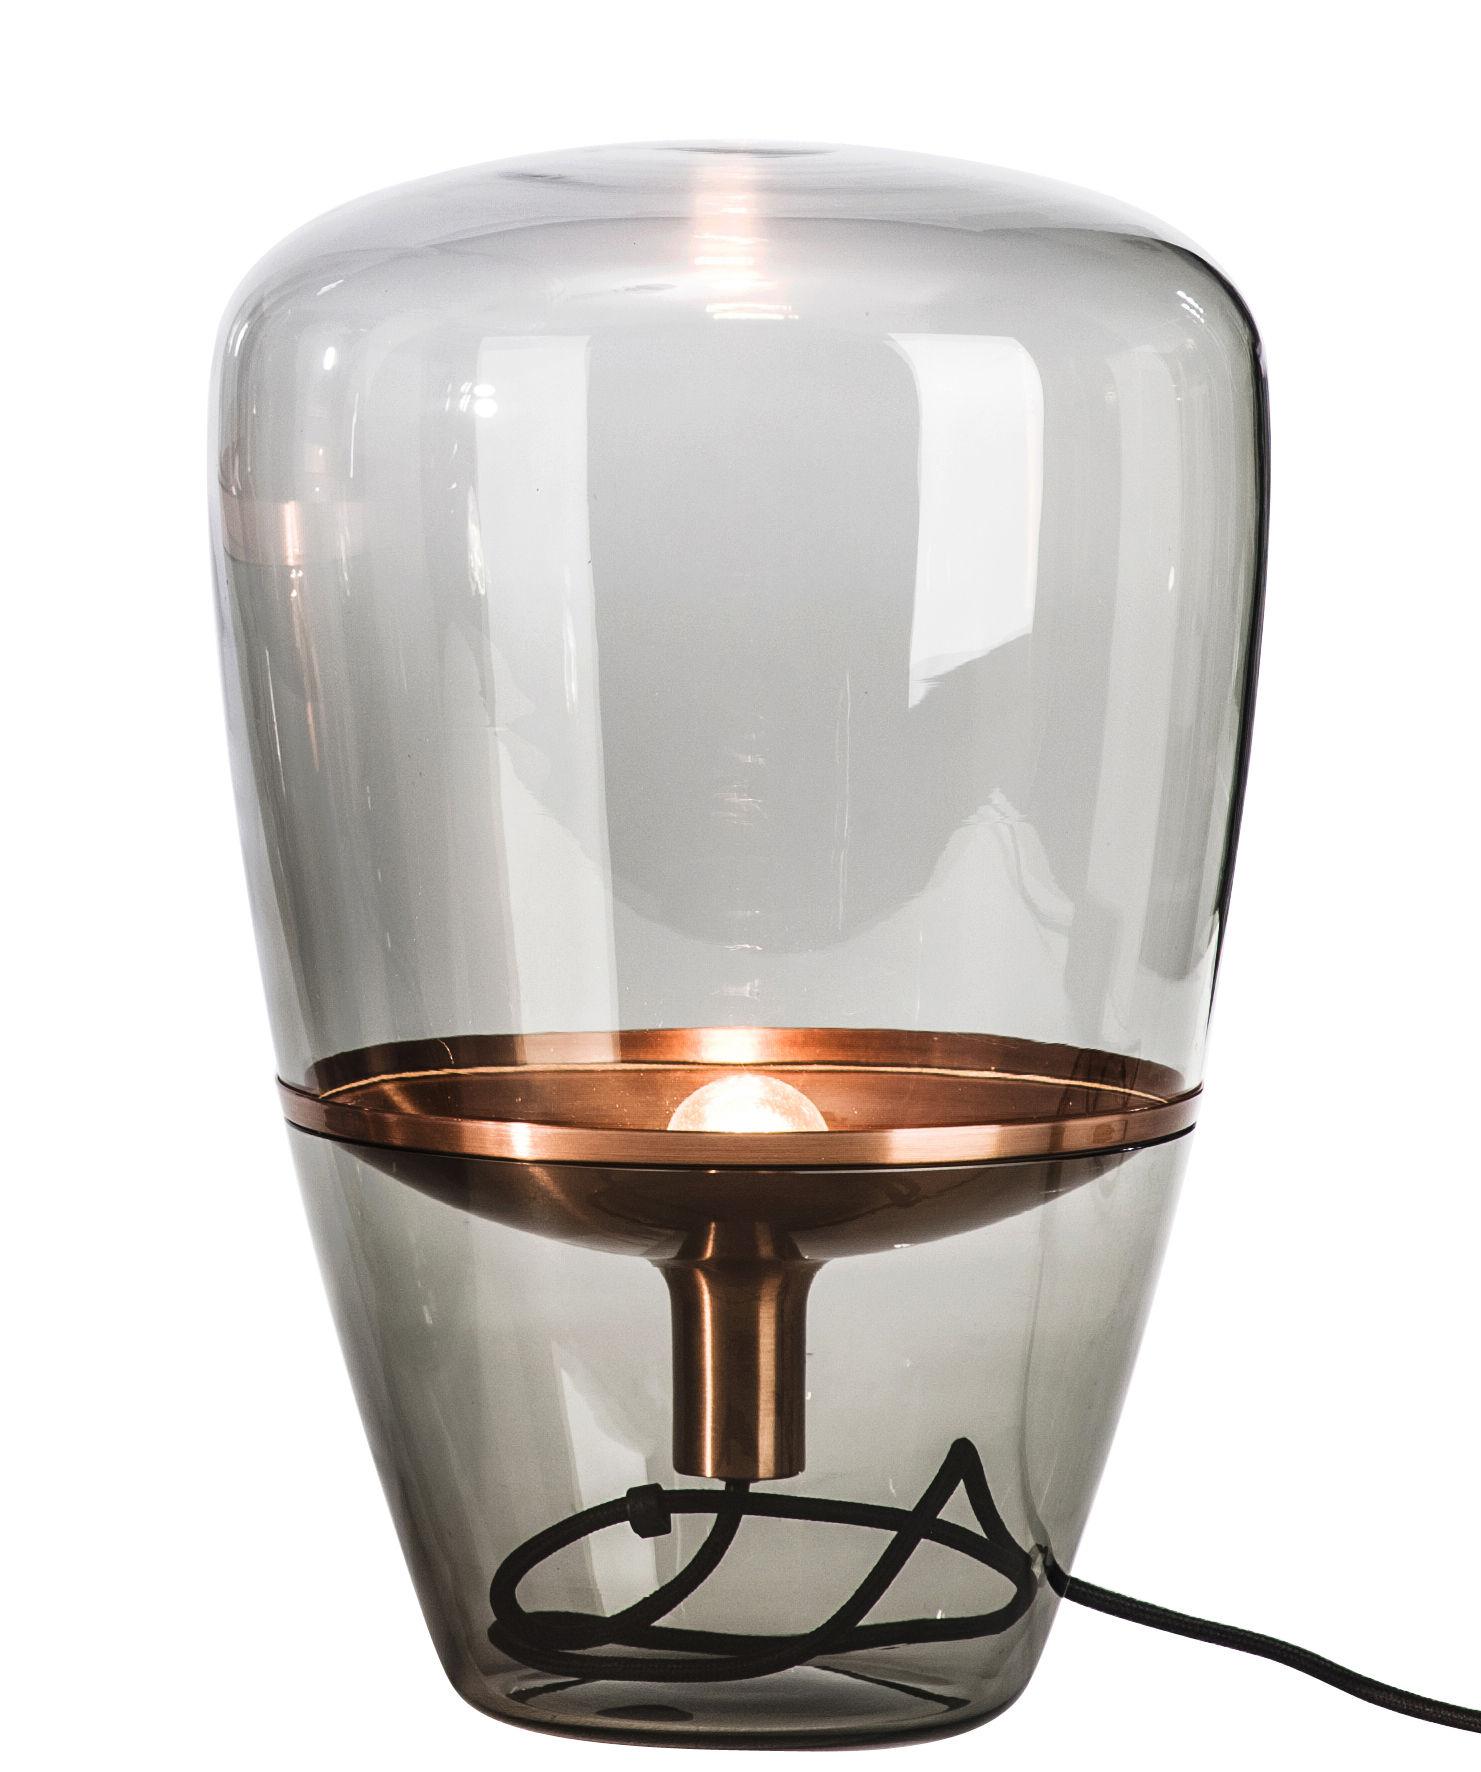 Illuminazione - Lampade da tavolo - Lampada da tavolo Balloon Small - / H 40 cm di Brokis - Vetro soffiato / Rame - Rame, Verre soufflé moulé